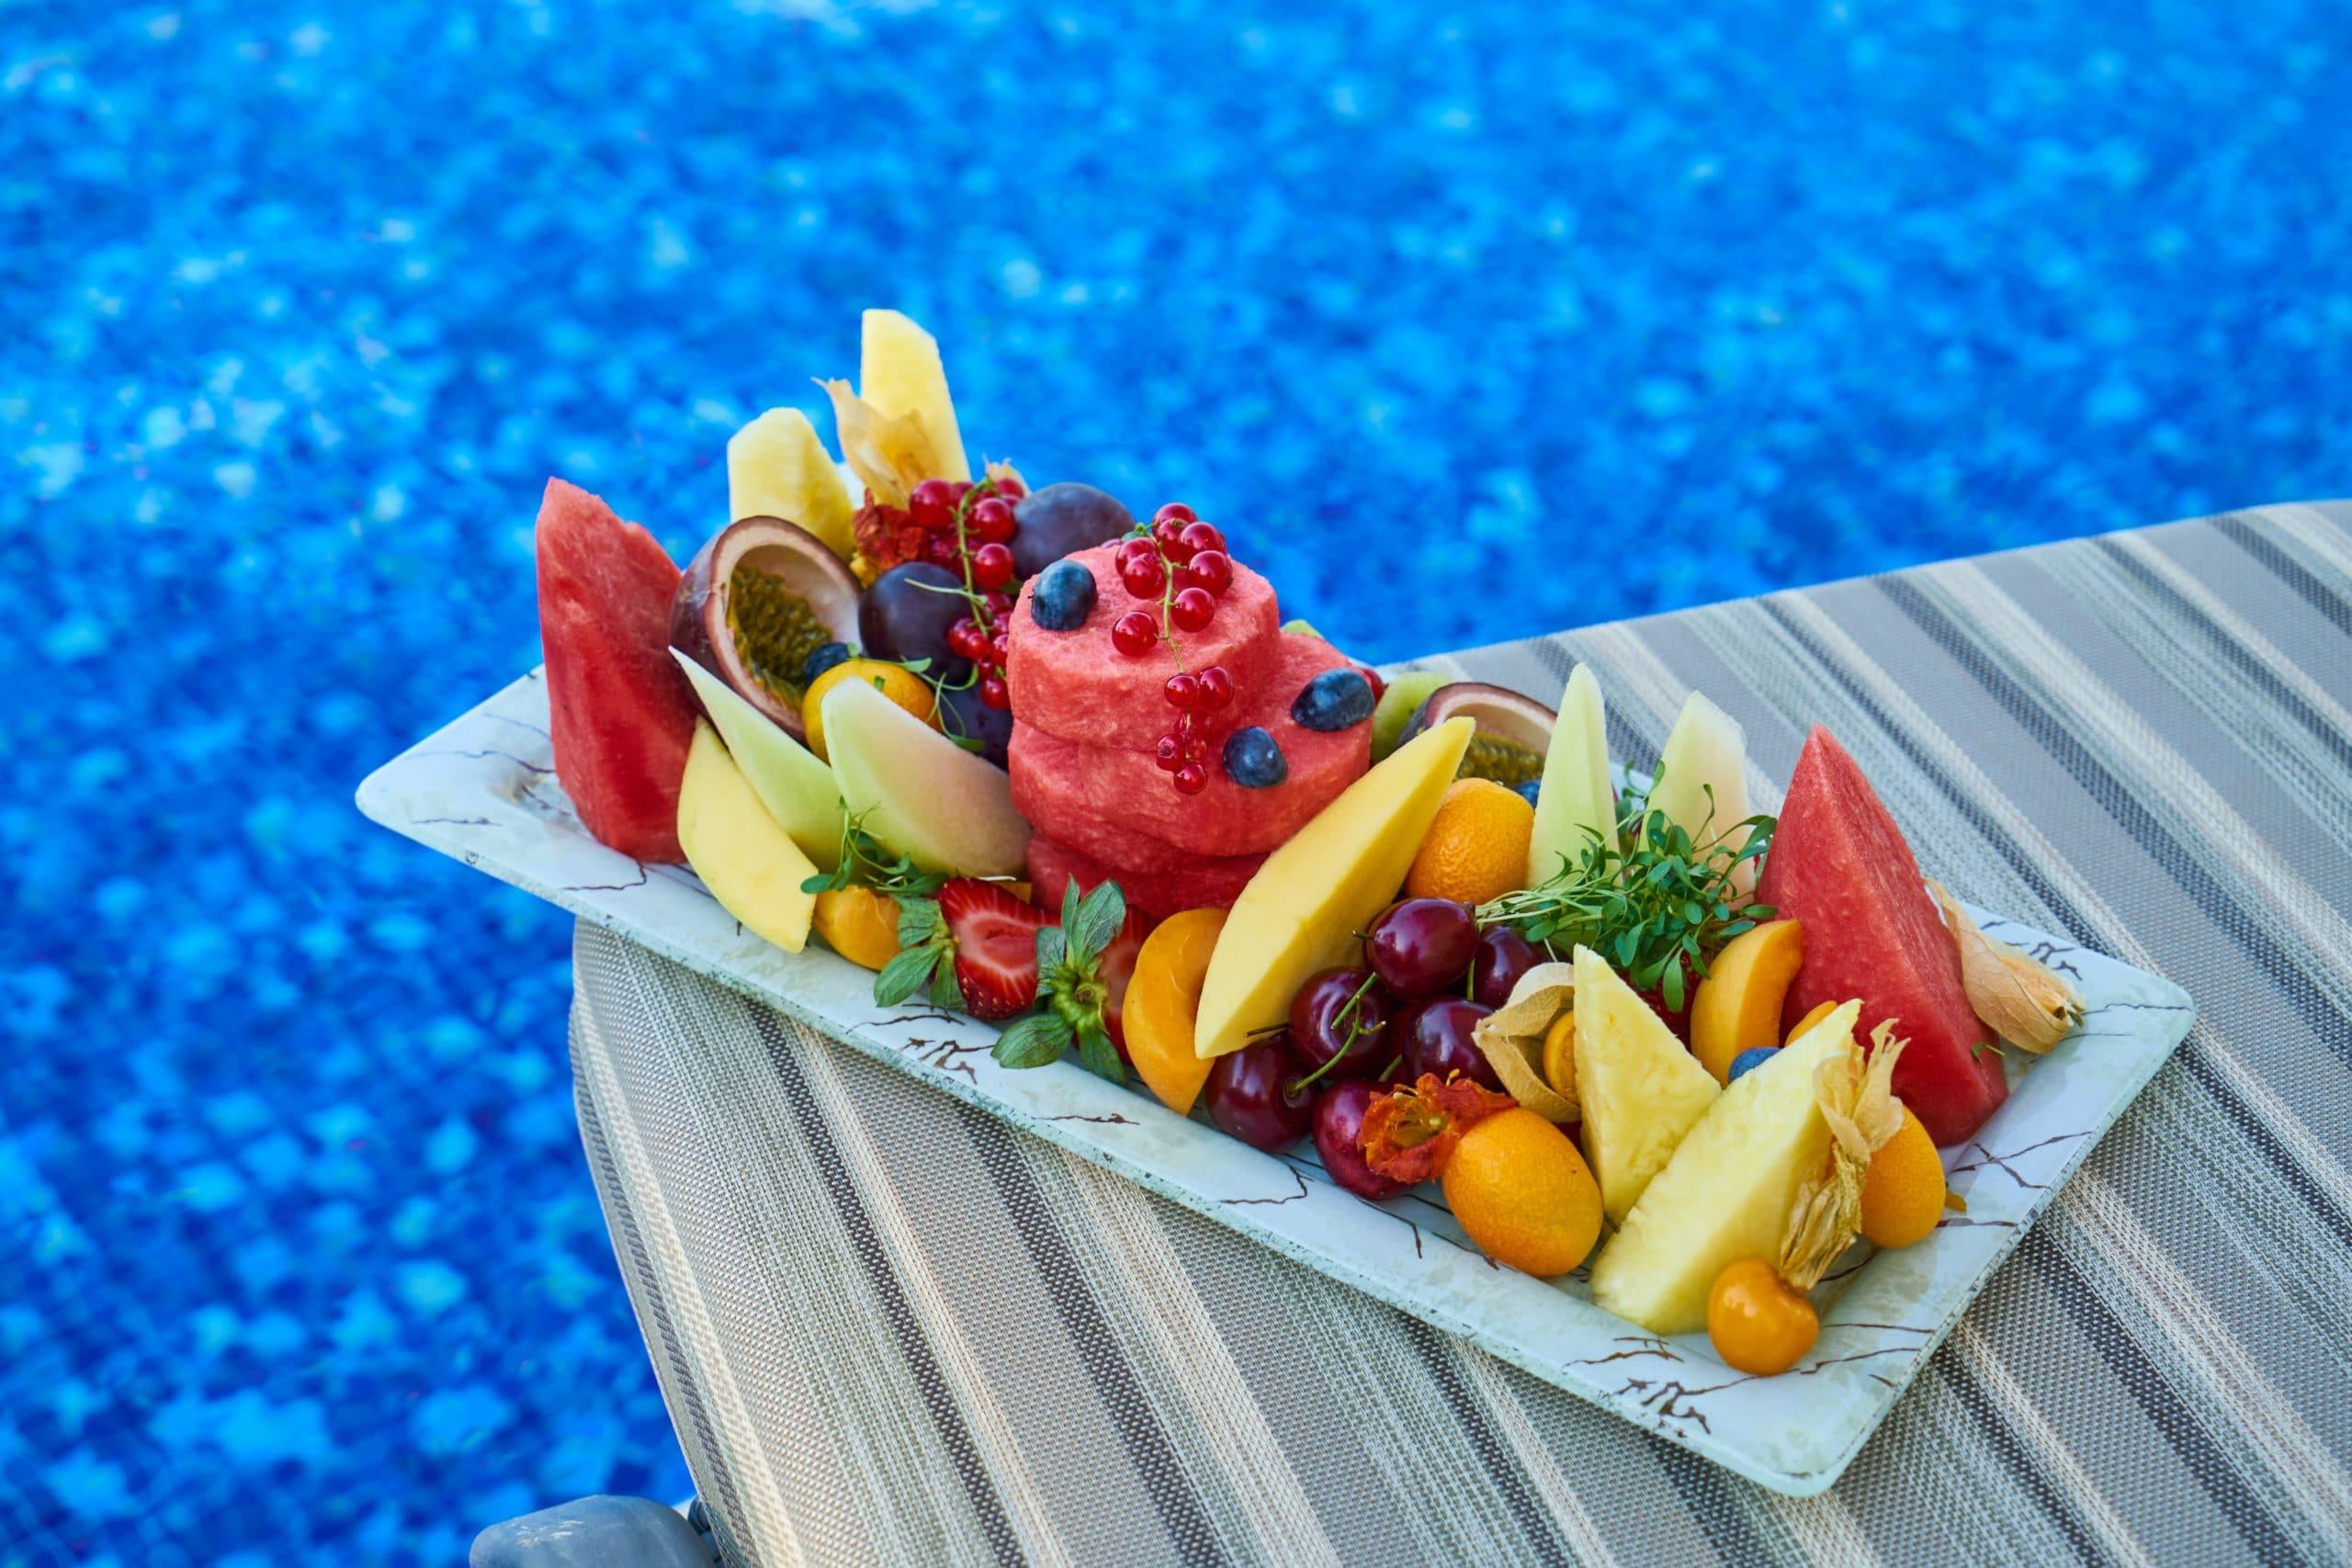 שמירה על משקל בחופשה